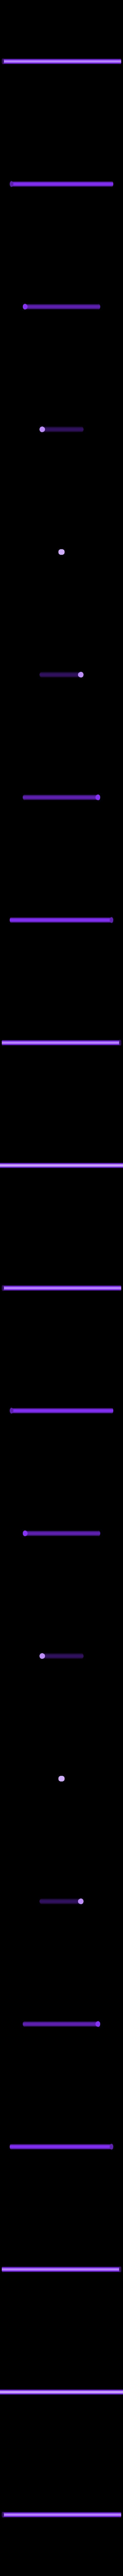 Rangefinder_2.stl Télécharger fichier STL gratuit Capitaine Rex Casque Phase 2 (Star Wars) • Plan imprimable en 3D, VillainousPropShop